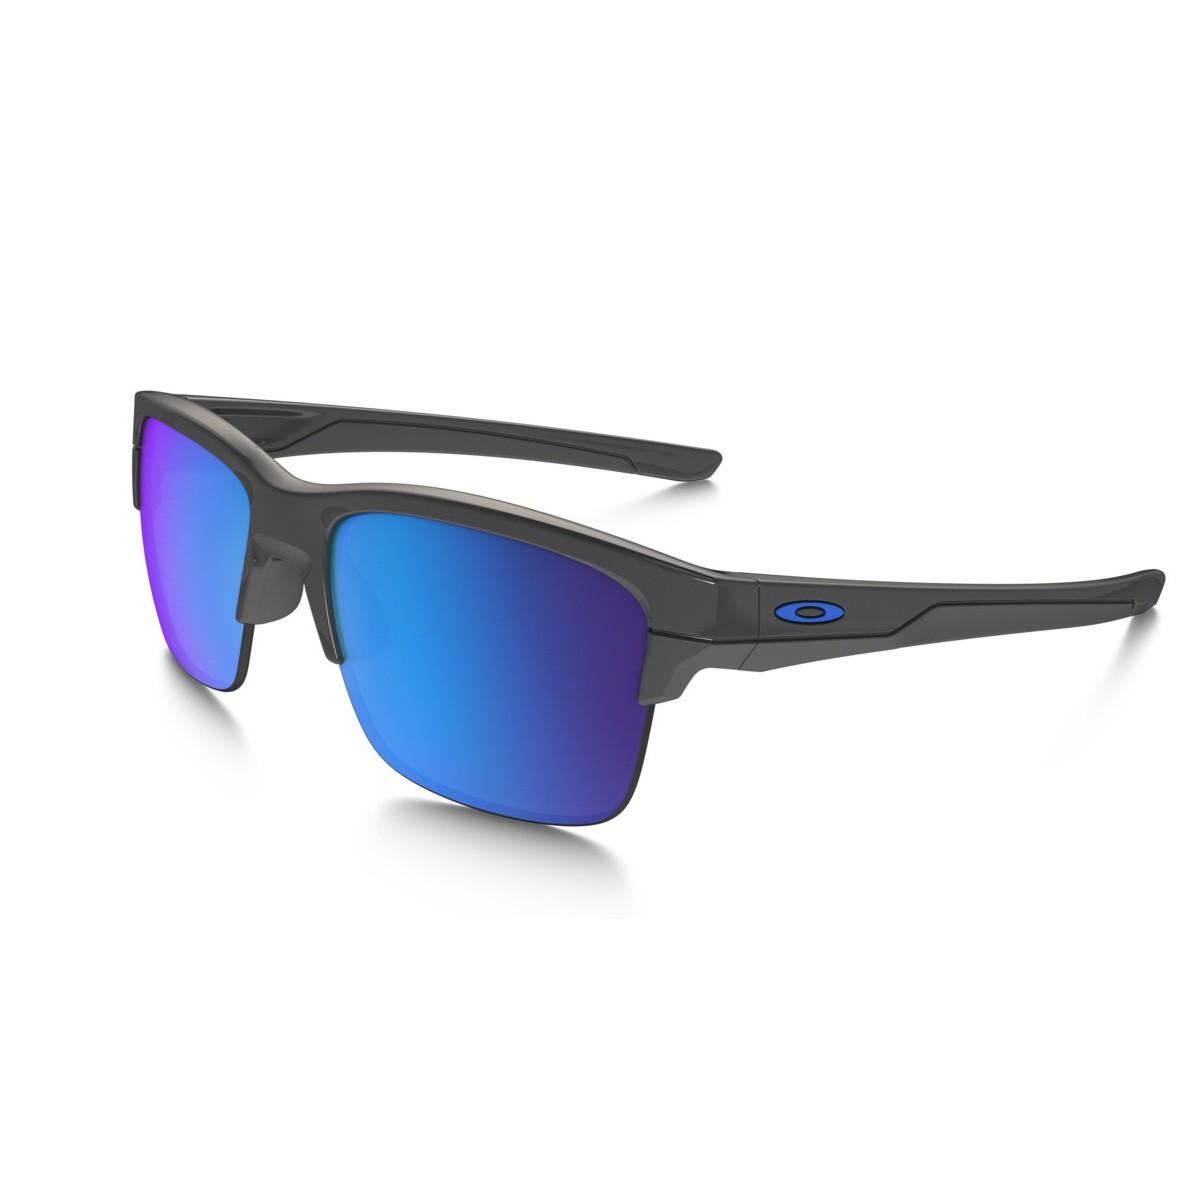 Oakley Thinlink - verspiegelte Sonnenbrille